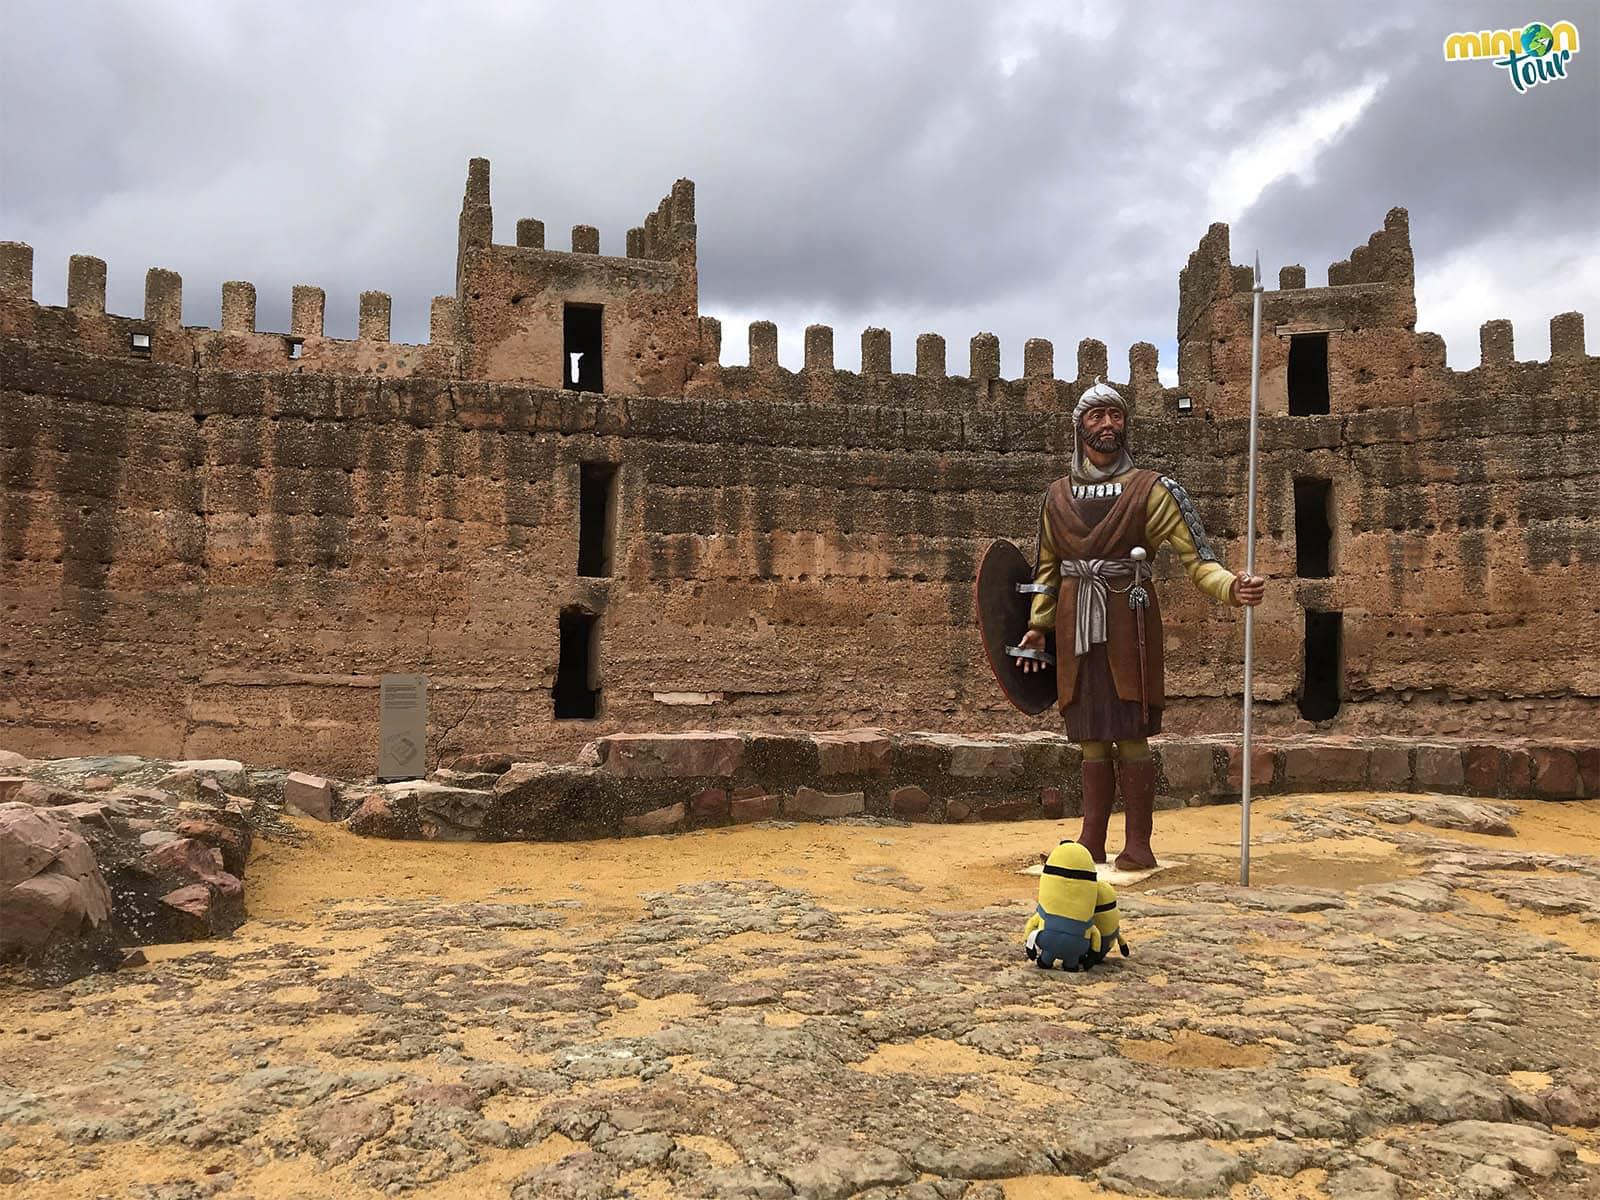 Hablando con uno de los soldados del Castillo de Baños de la Encina